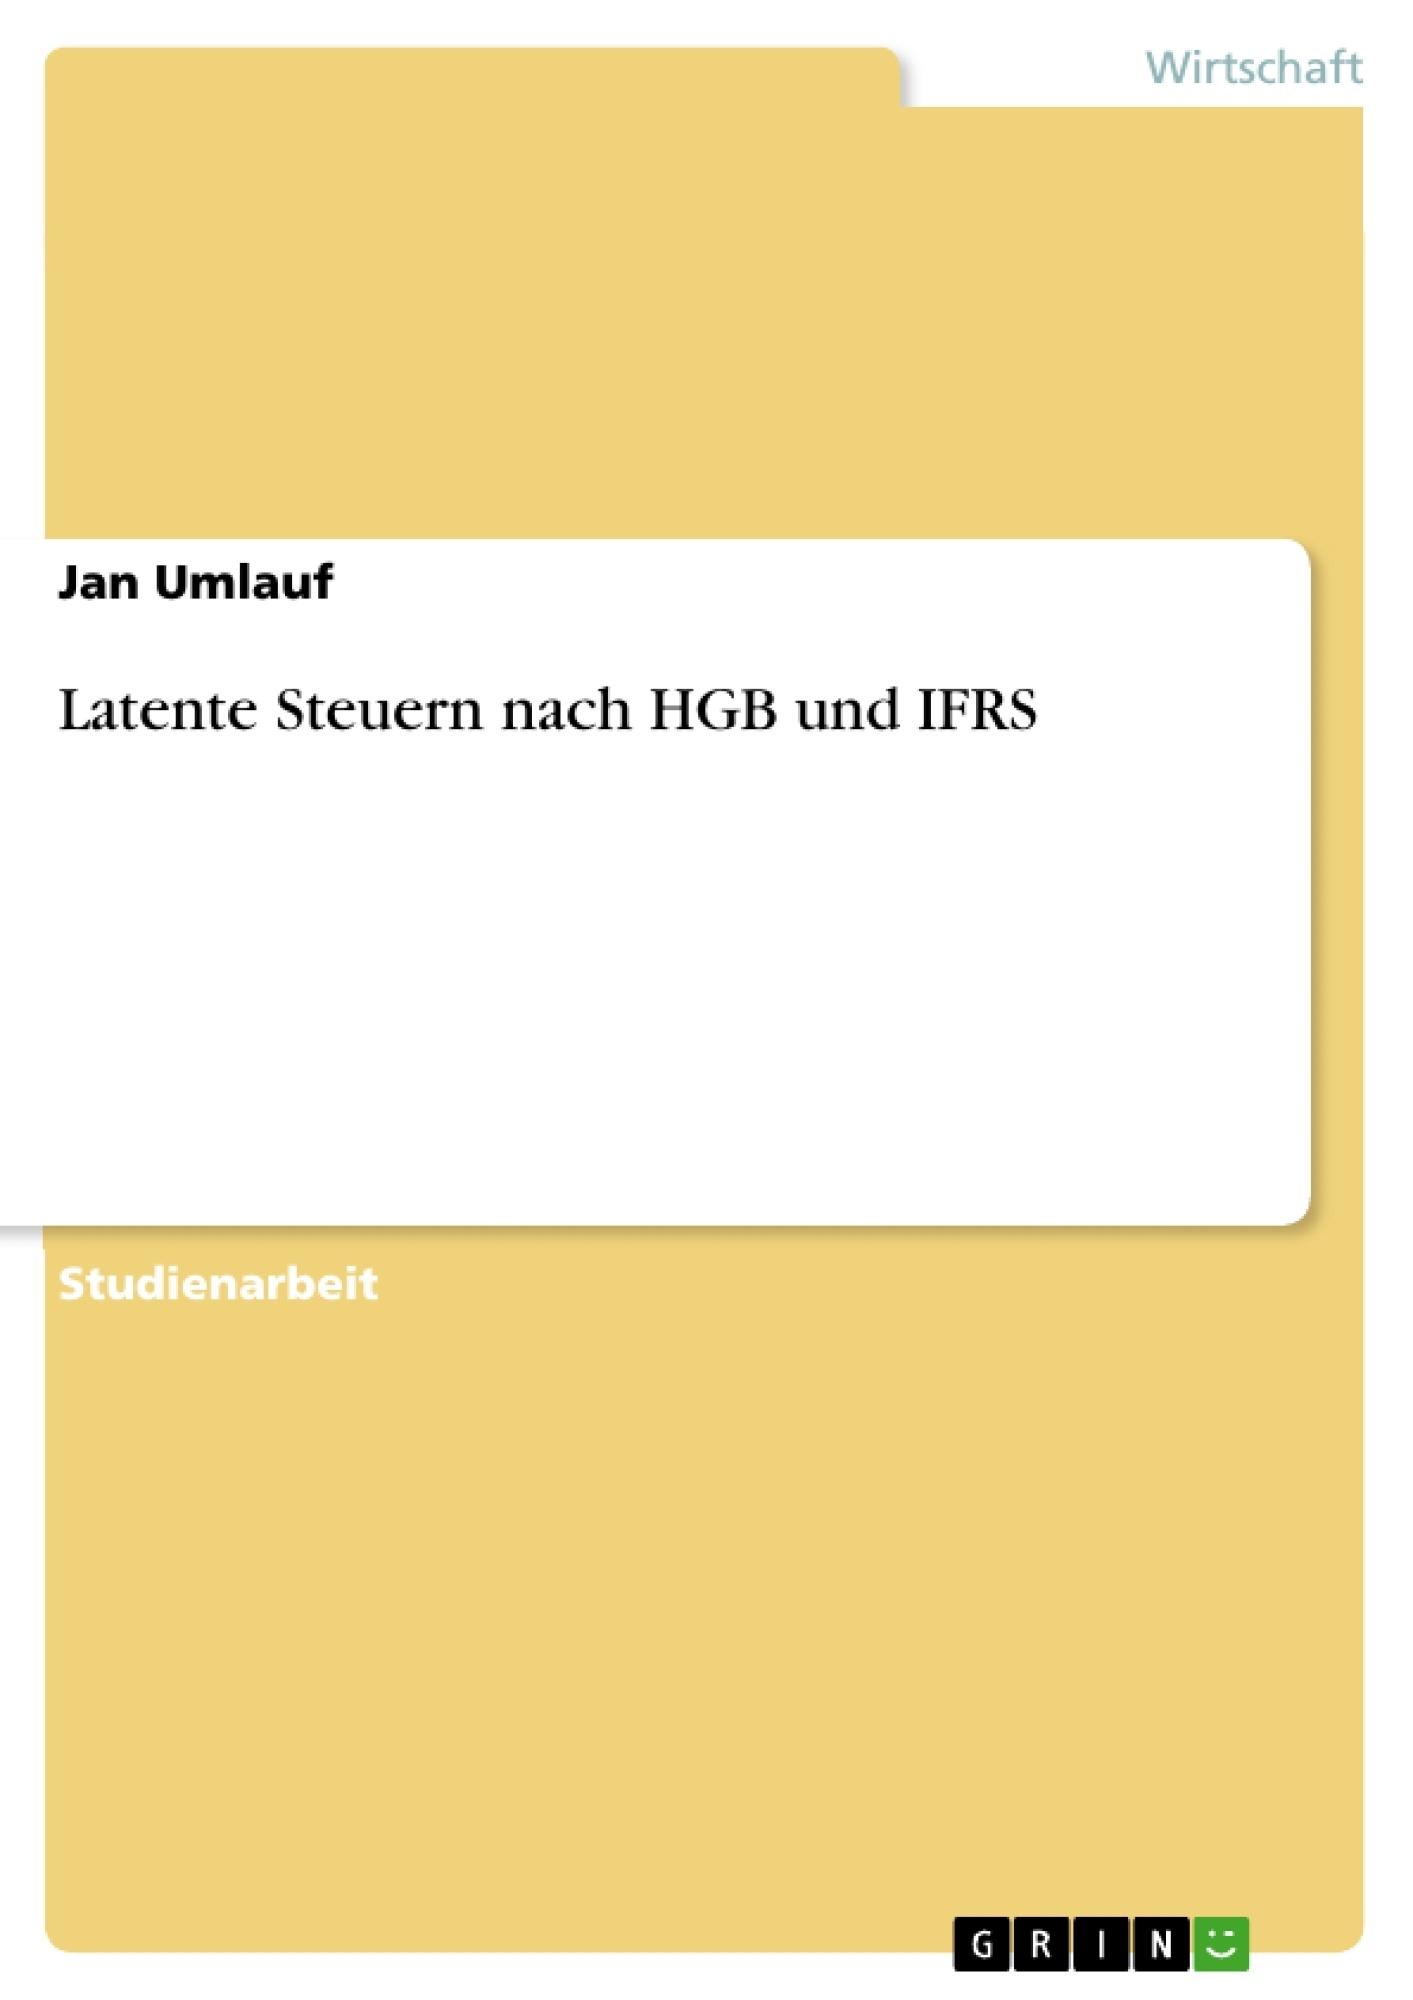 Titel: Latente Steuern nach HGB und IFRS